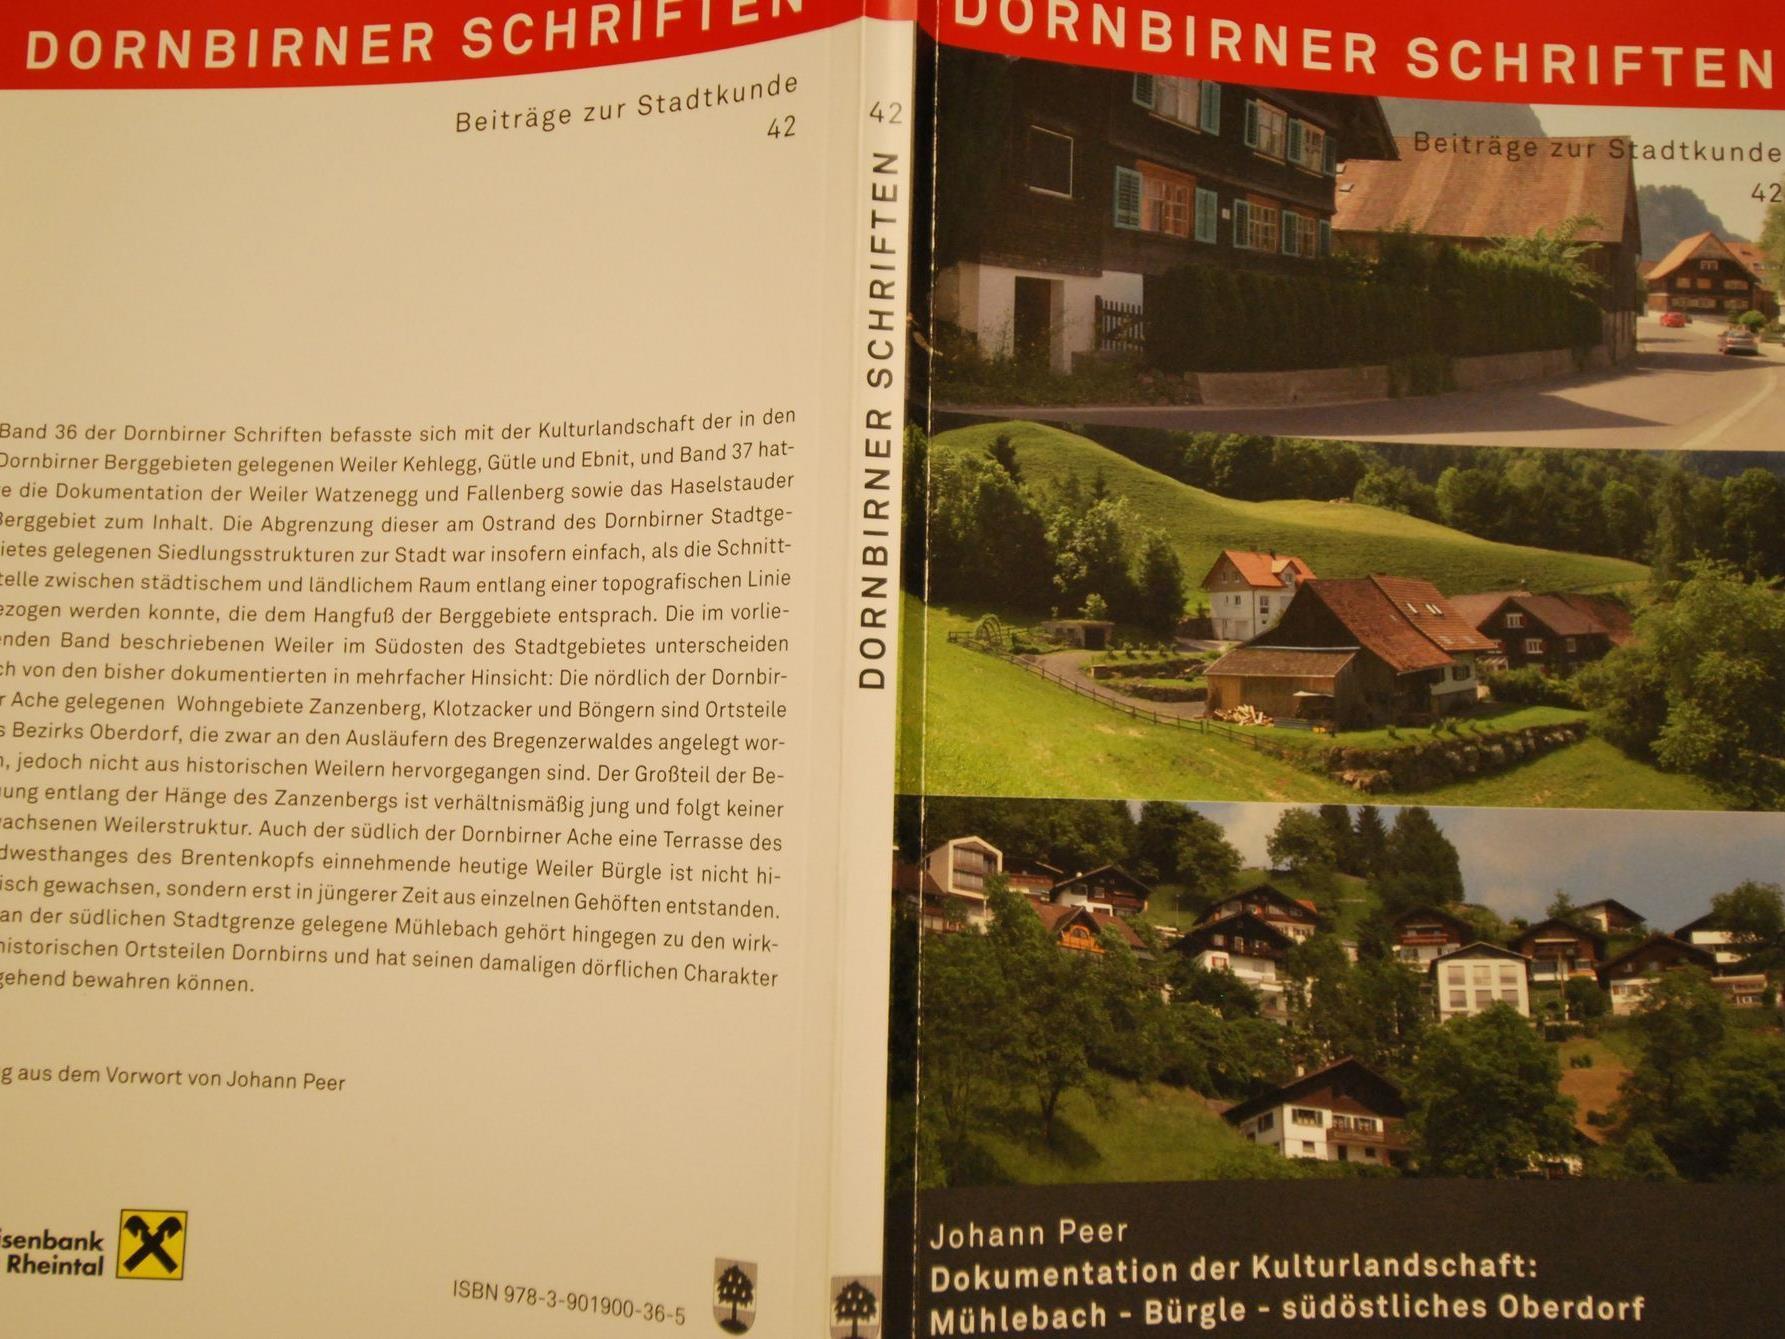 Dornbirner Schriften Nr. 42